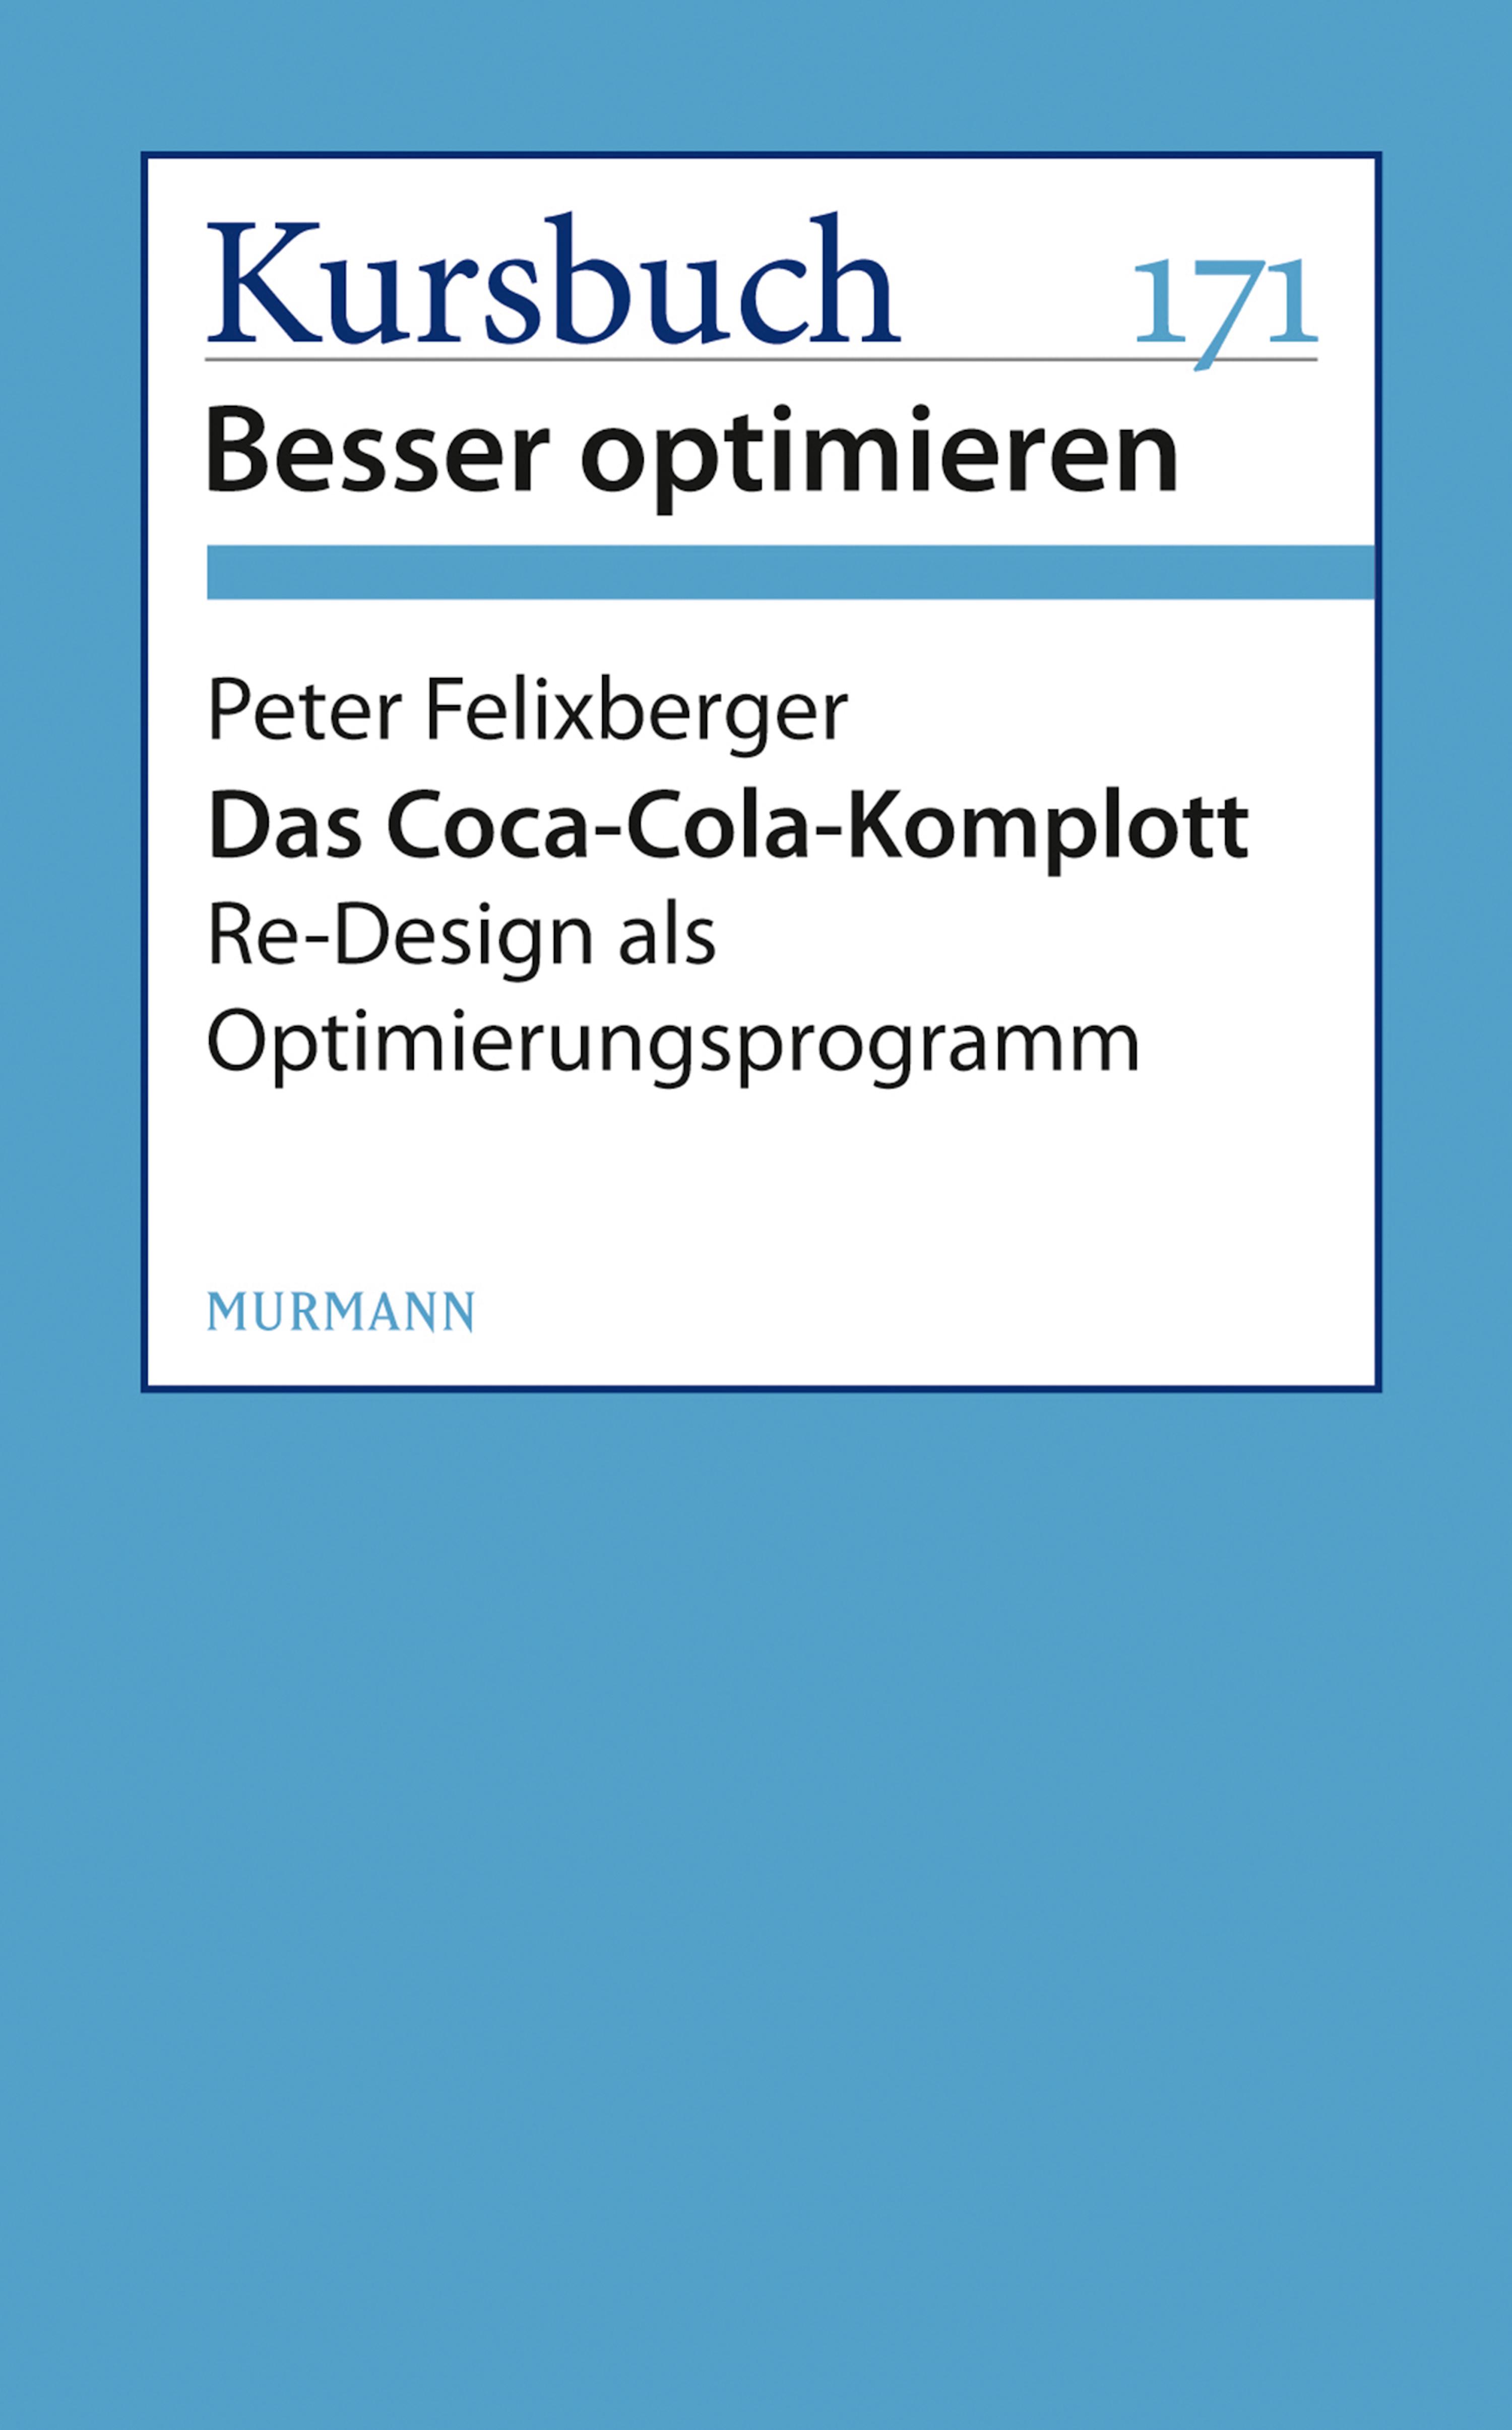 Peter Felixberger Das Coca-Cola-Komplott peter felixberger links rechts